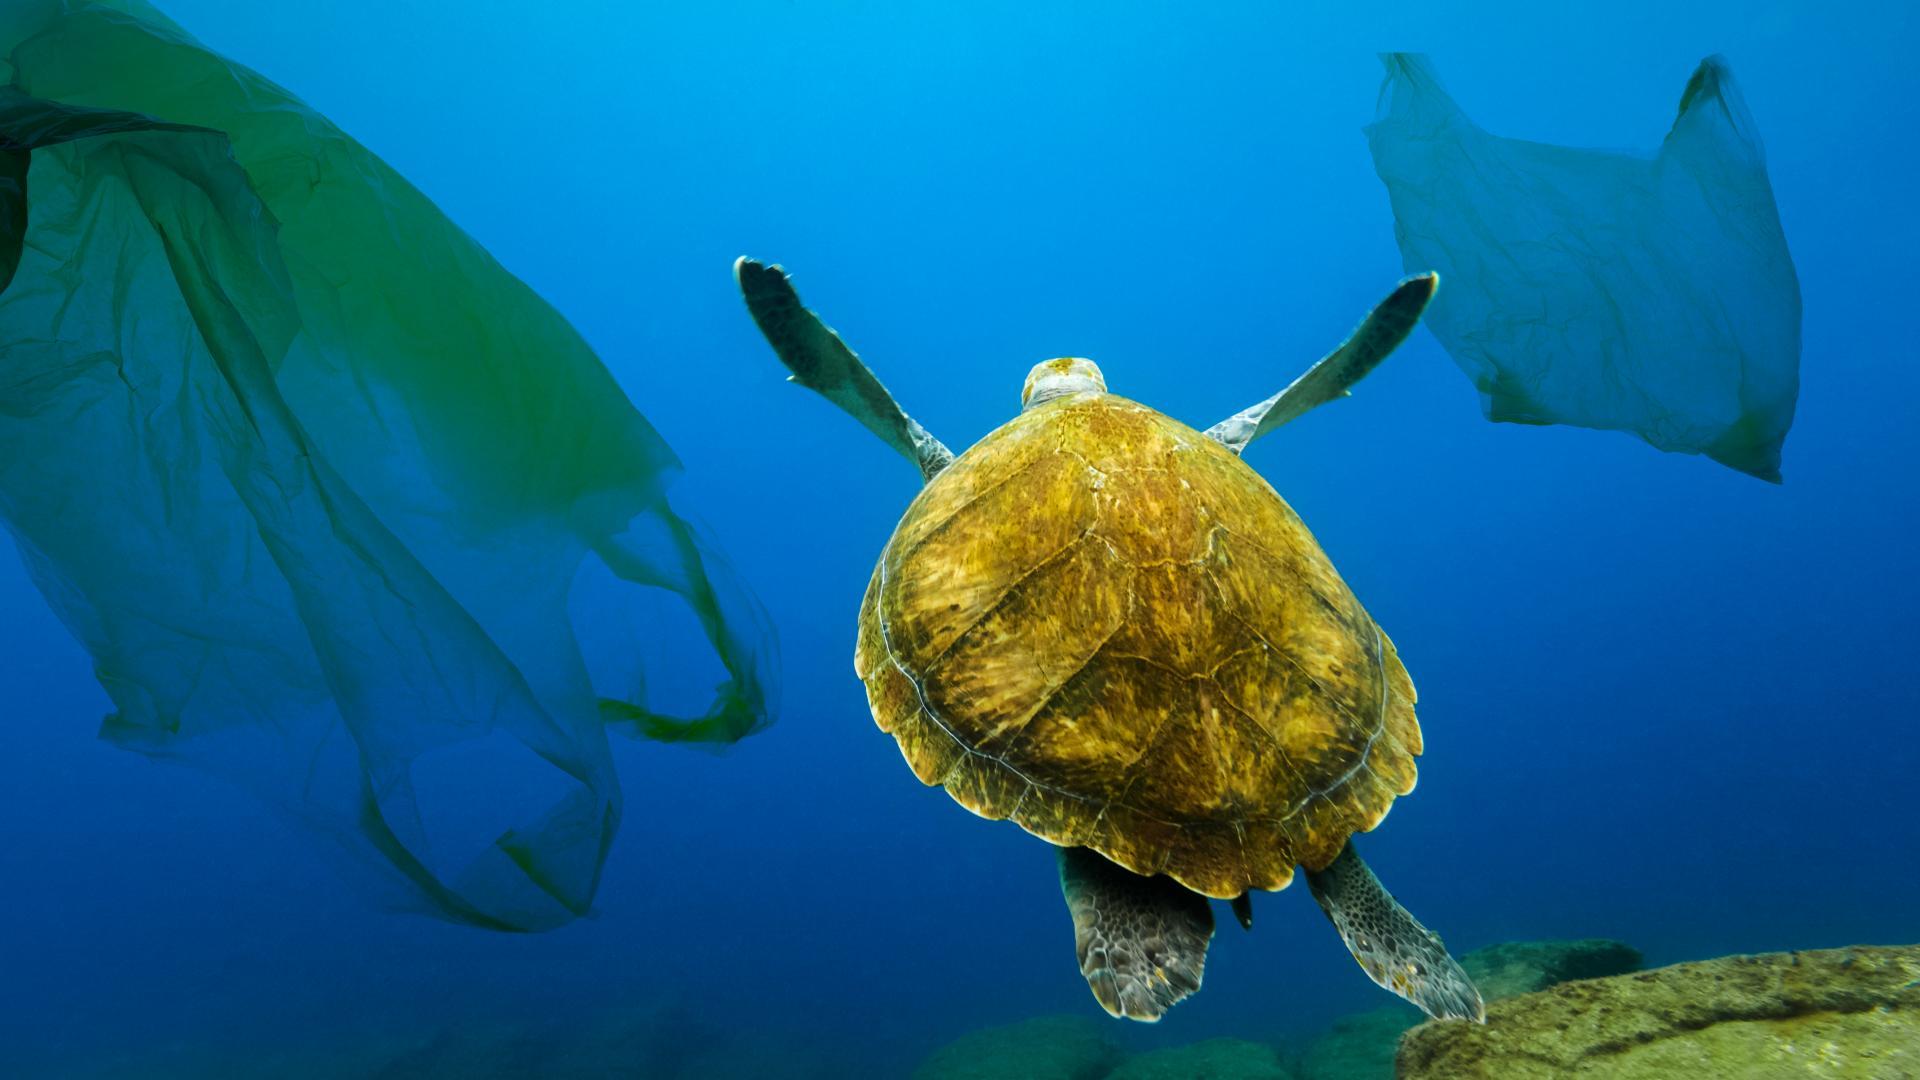 Моретата през 2050: Повече пластмаса, отколкото риба